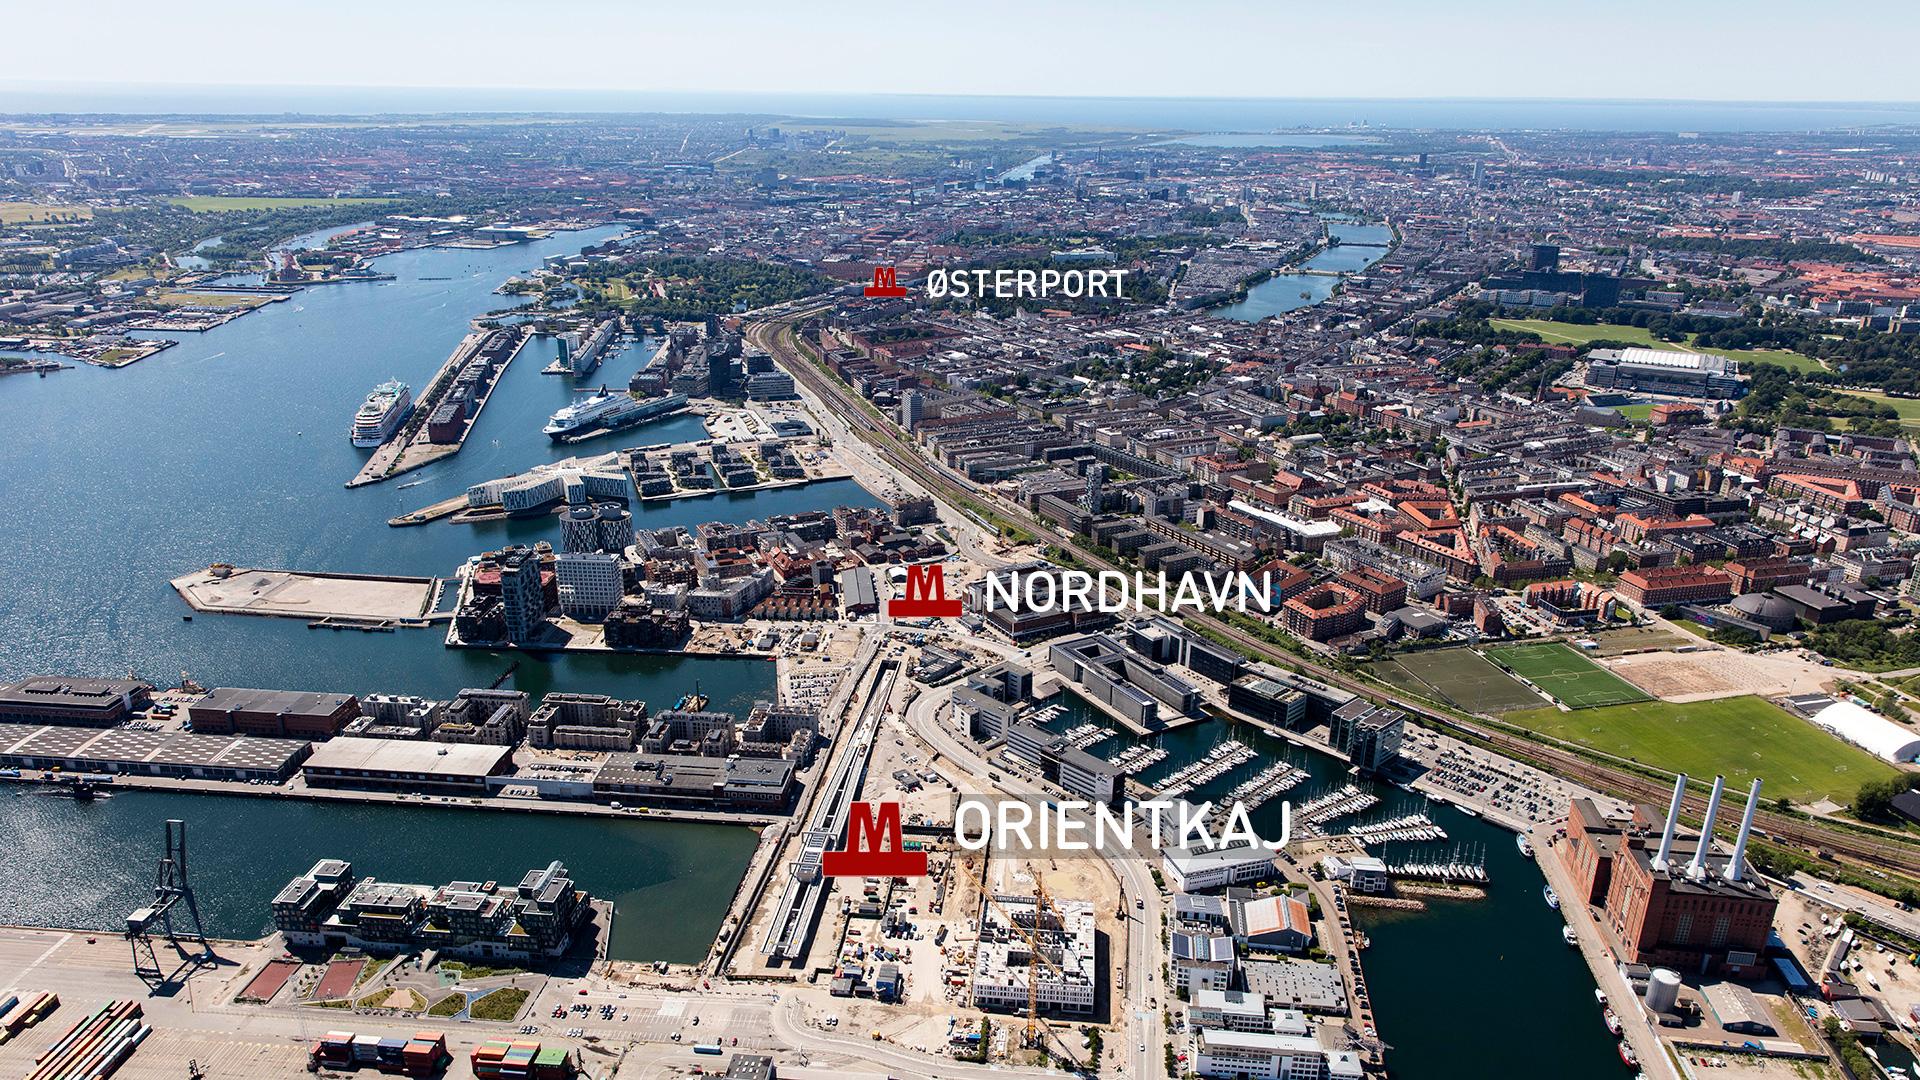 Metro-Nordhavn